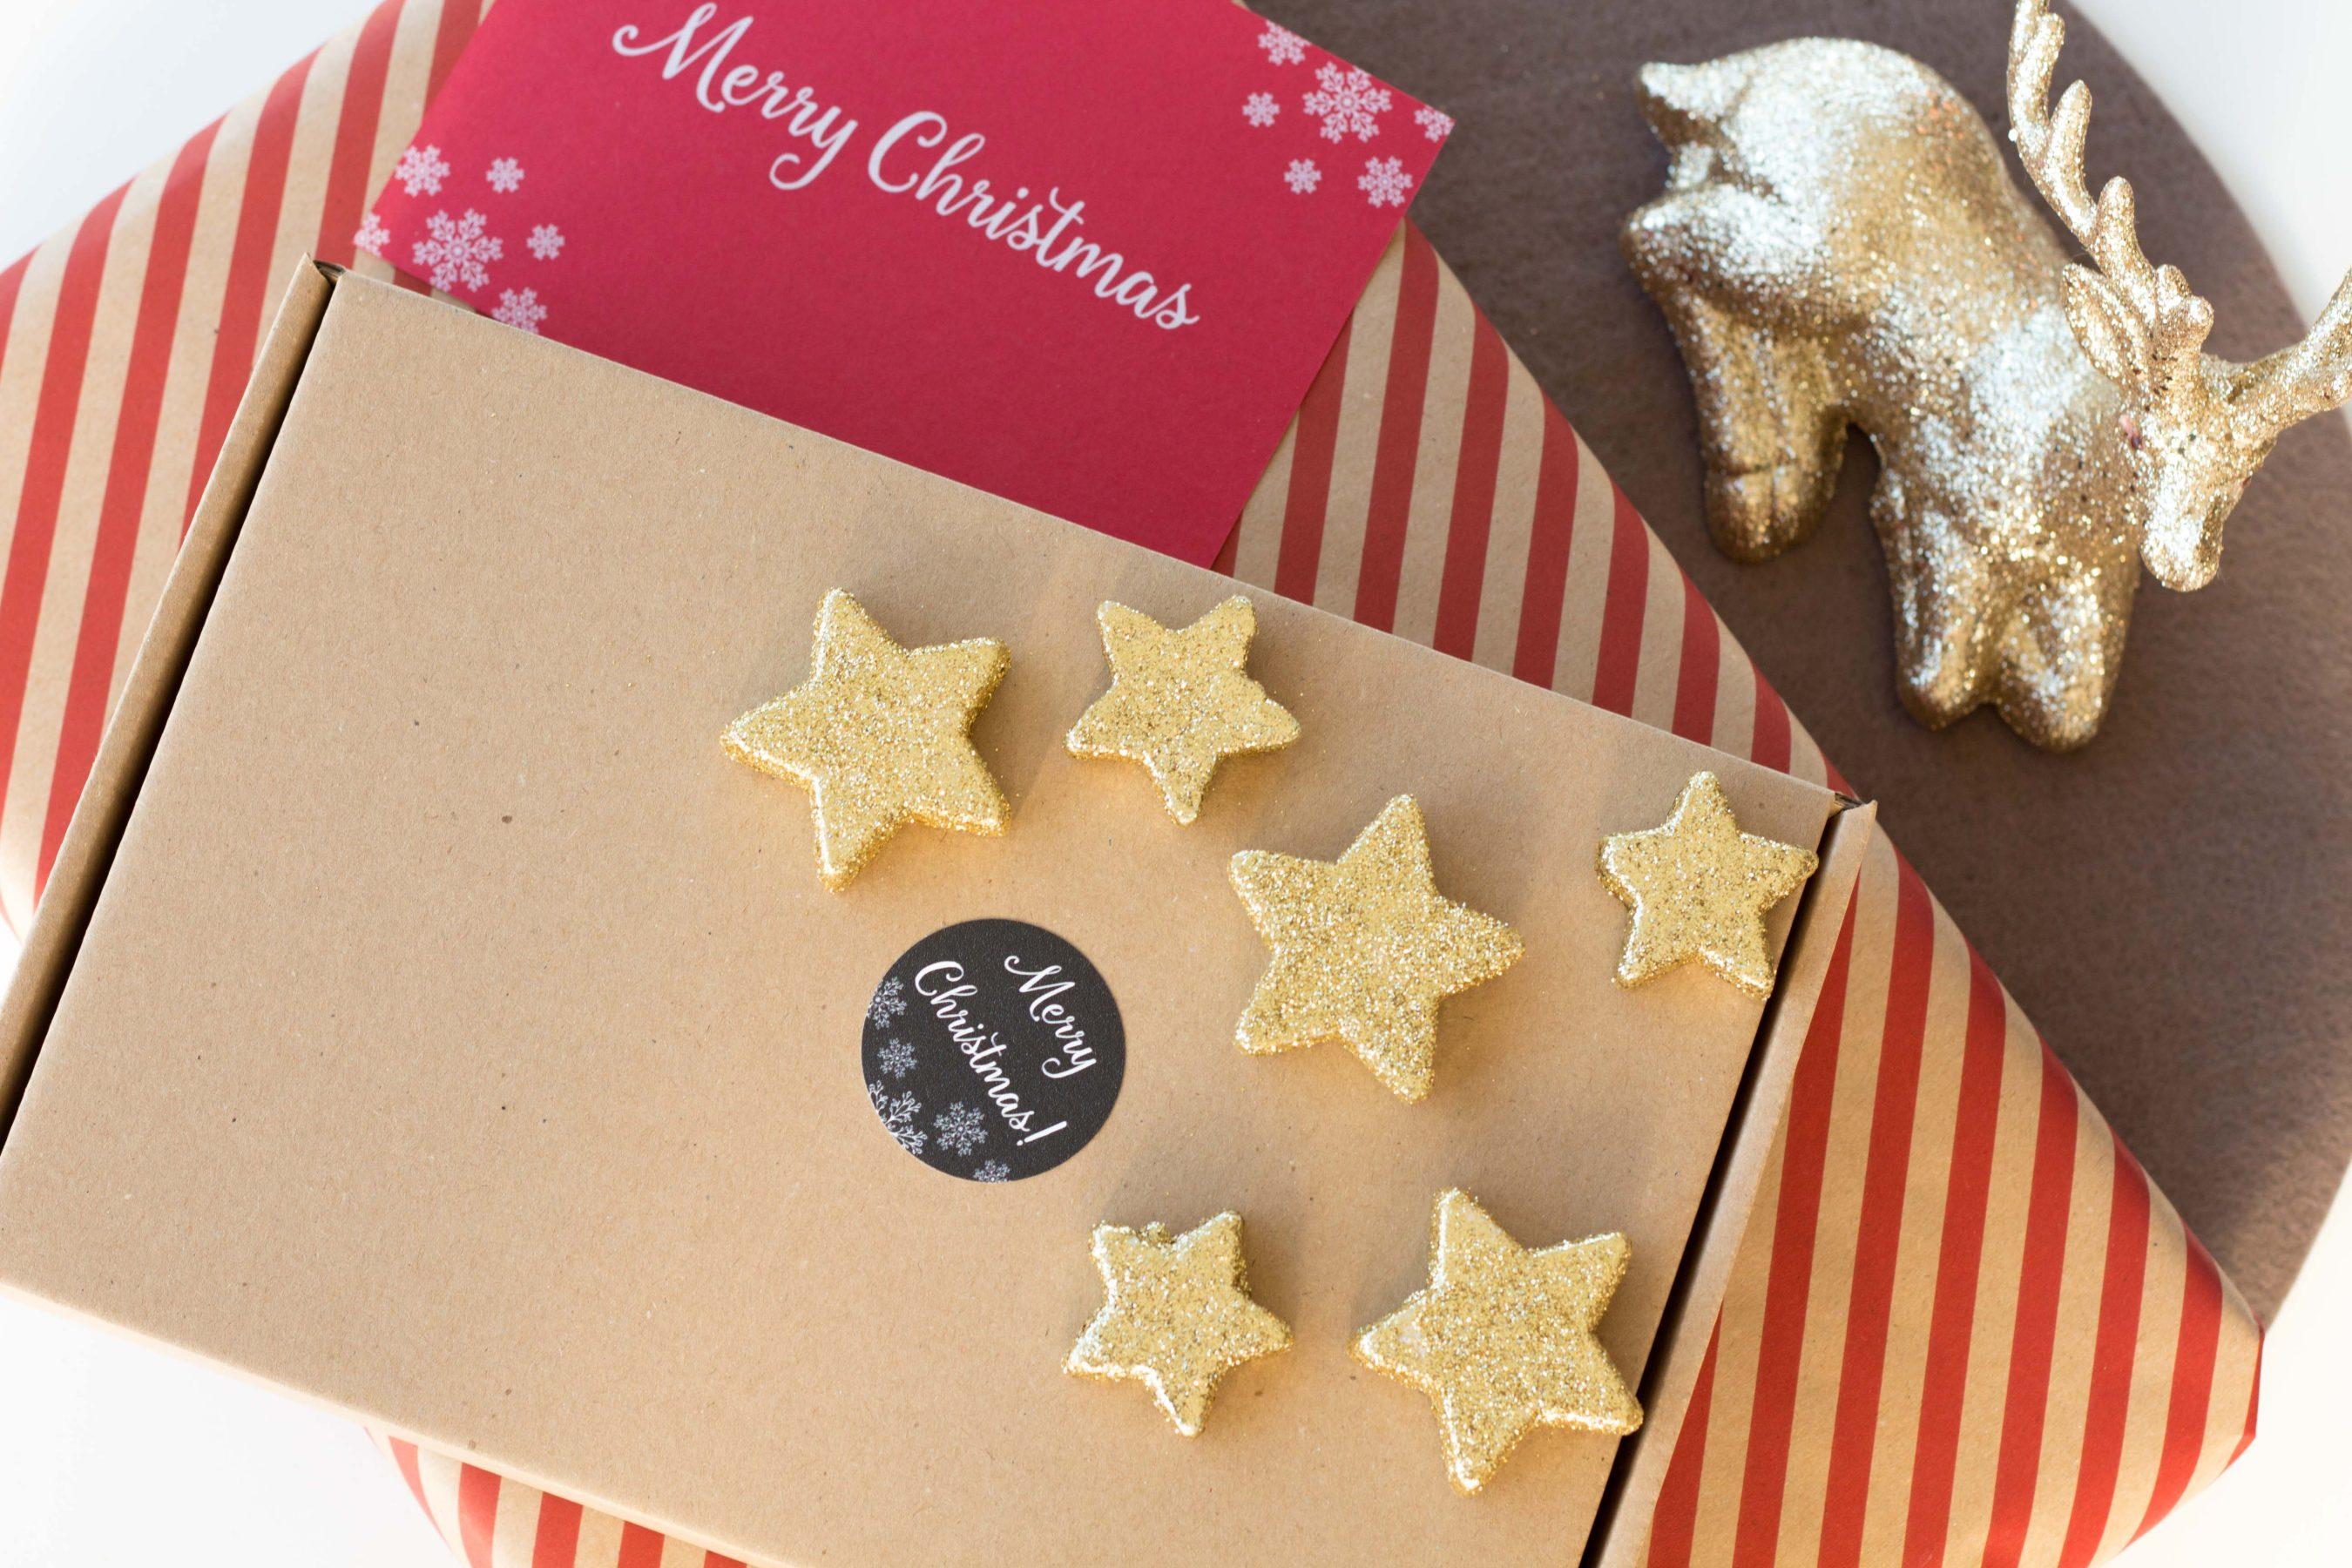 aufkleber-schwarz-merrychristmas-weihnachten-karte